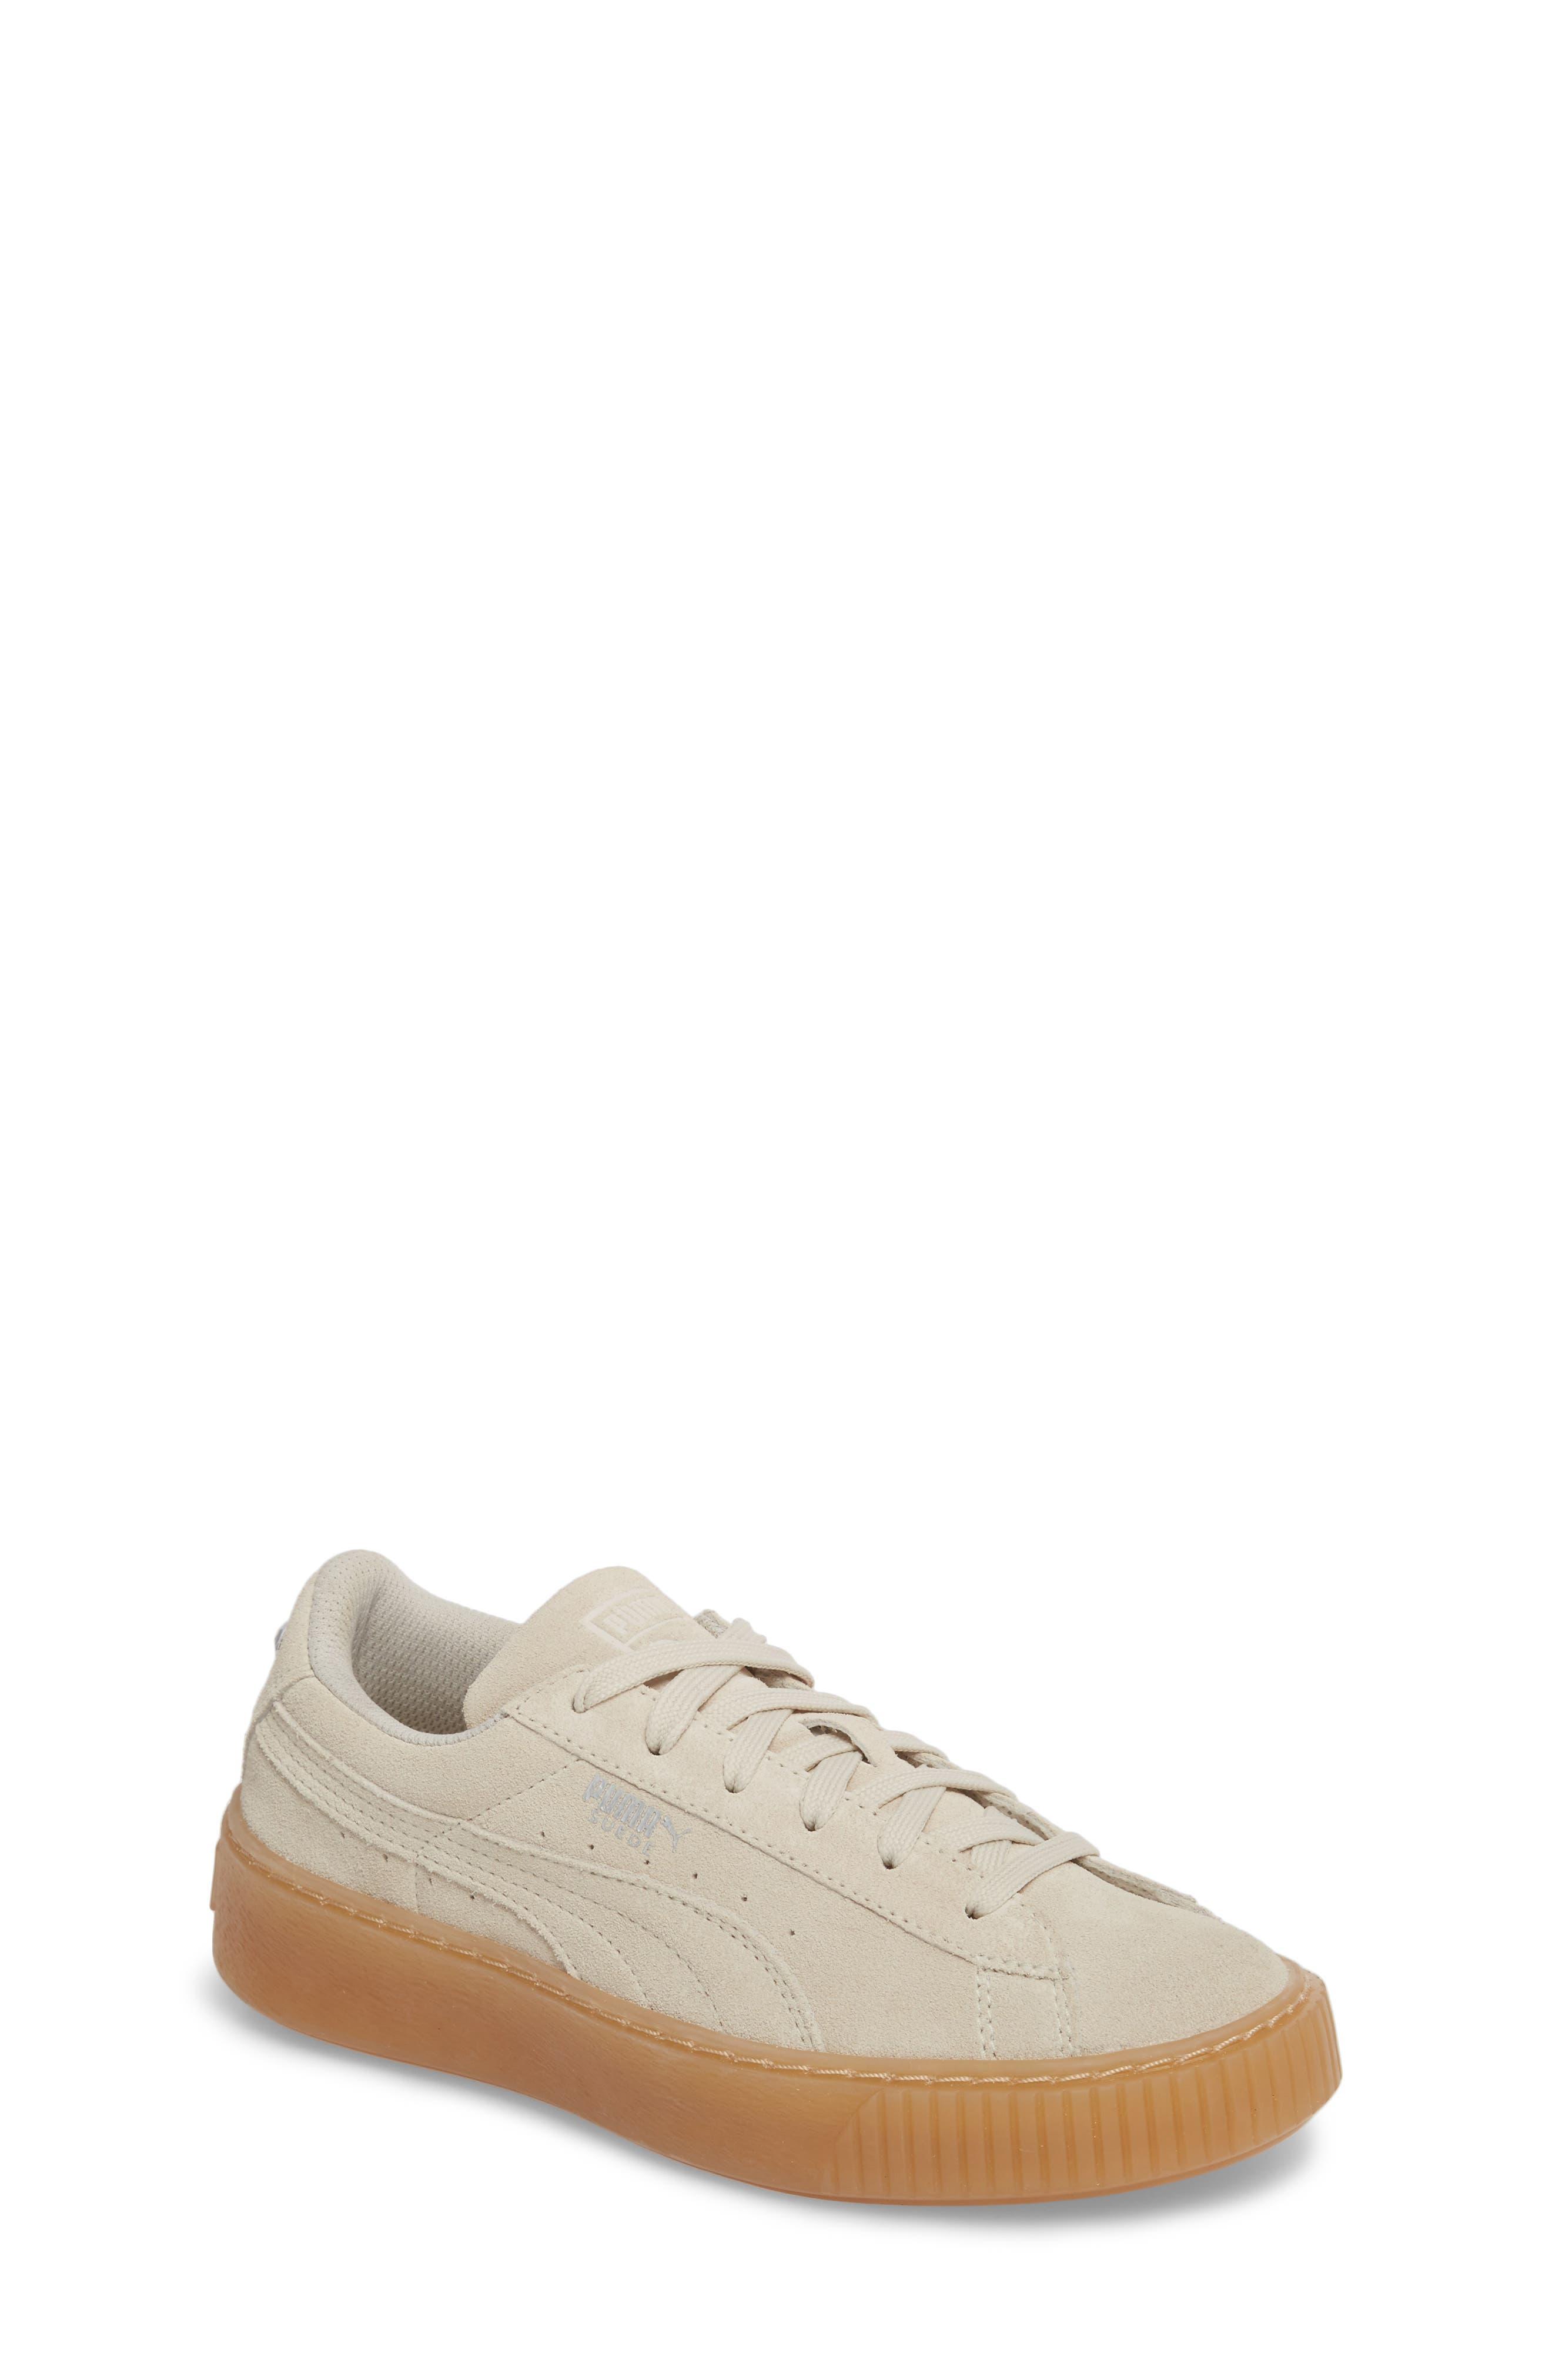 Jewel Suede Platform Sneaker,                             Main thumbnail 1, color,                             Whisper White/ Whisper White